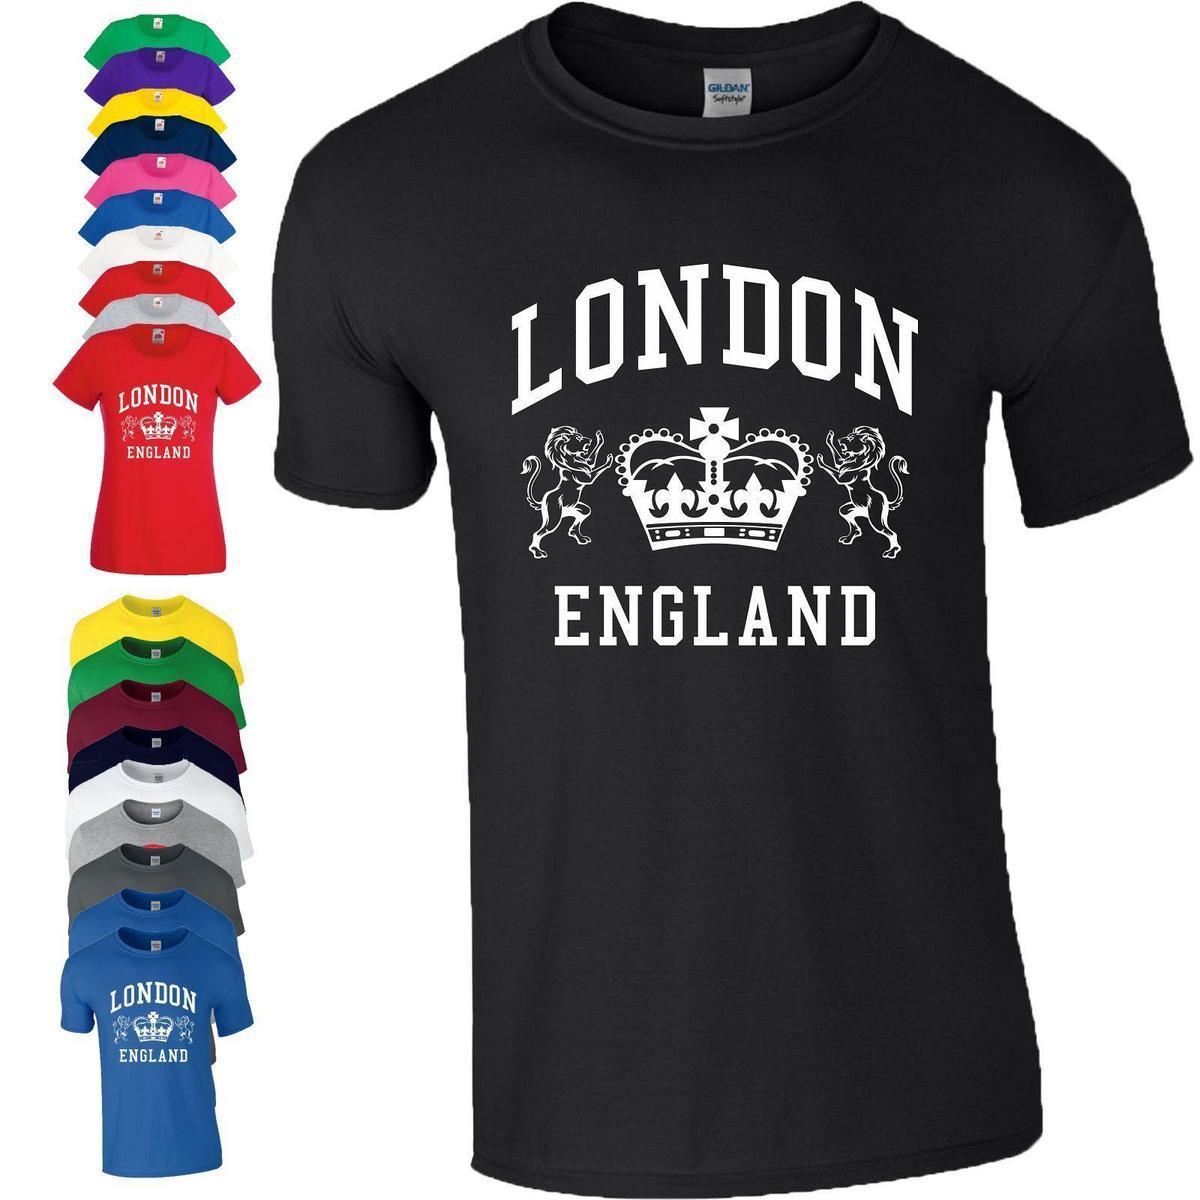 Compre Mens Designer T Shirt Camisa Londres Inglaterra Camiseta Novidade  Lembrança Tourist Holiday Presente De Aniversário Dos Homens Das Senhoras  De Es44 69a469a3f305e